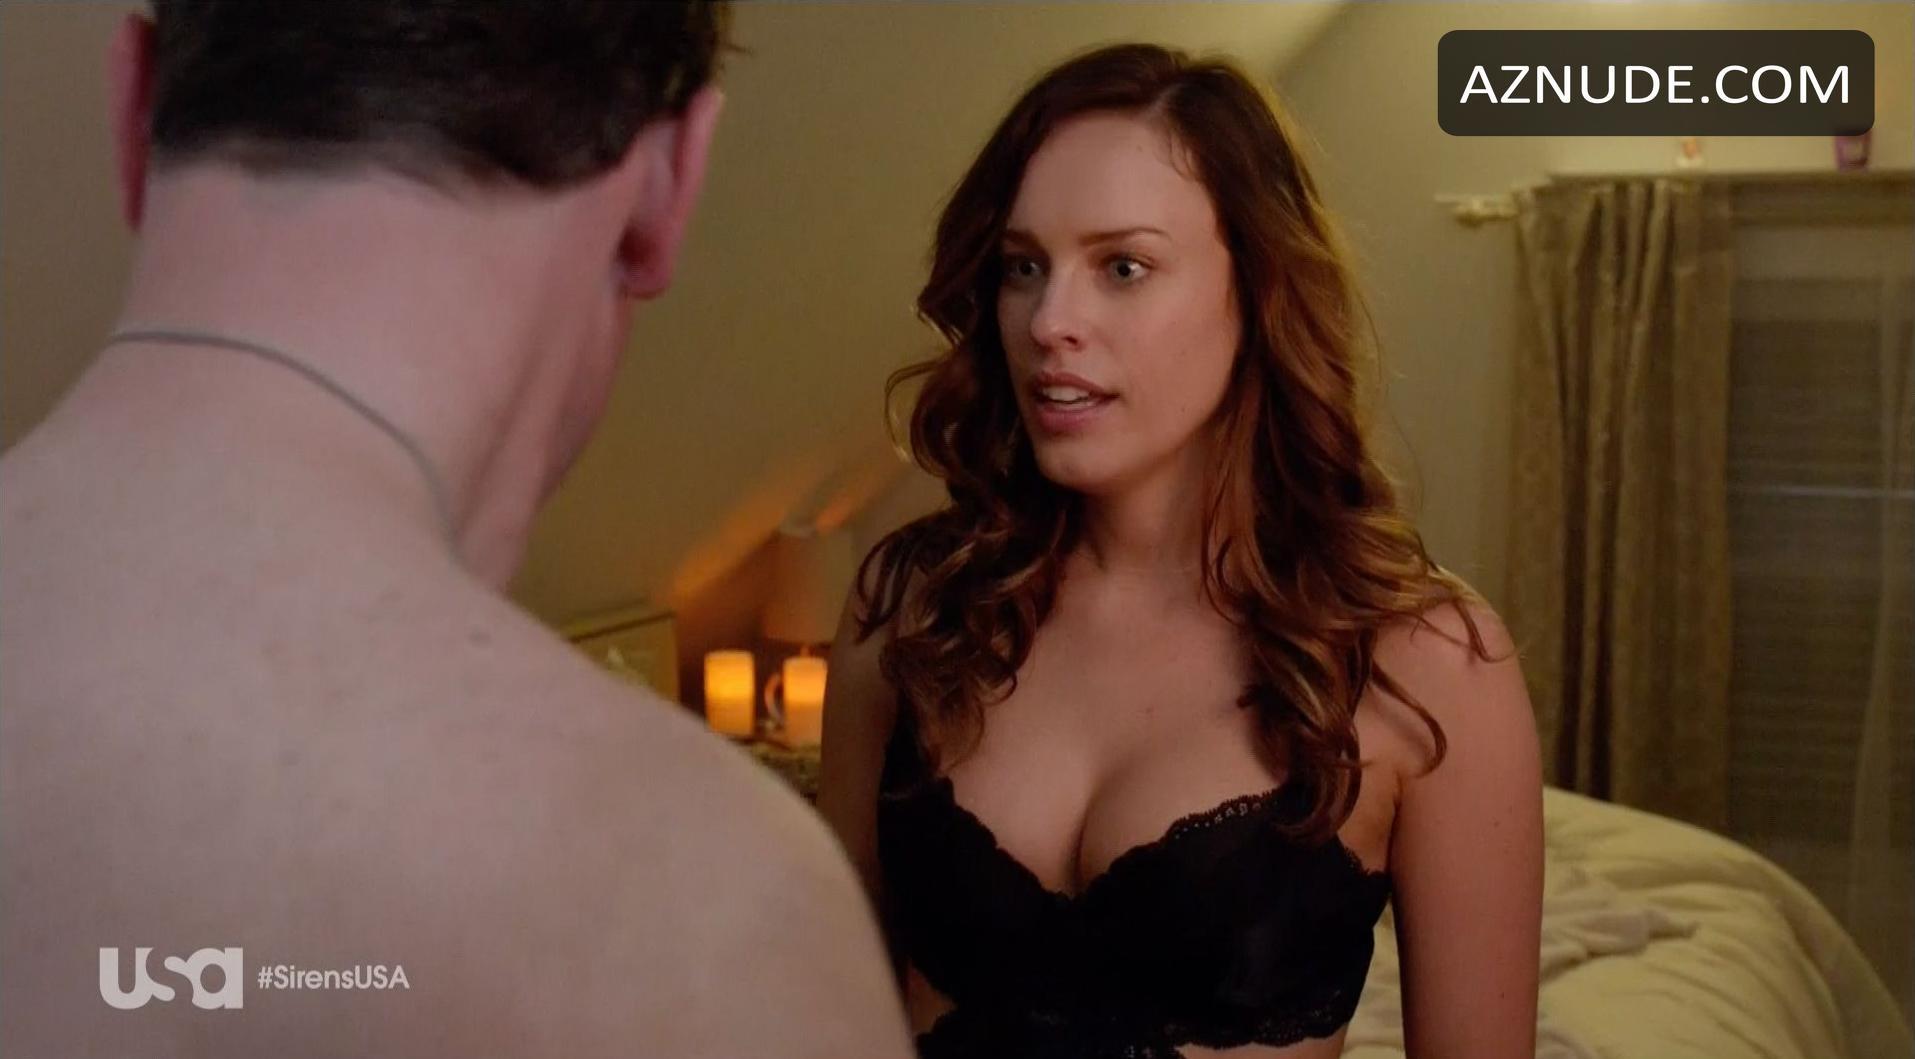 Name Jessica mcnamee bikini hot ending